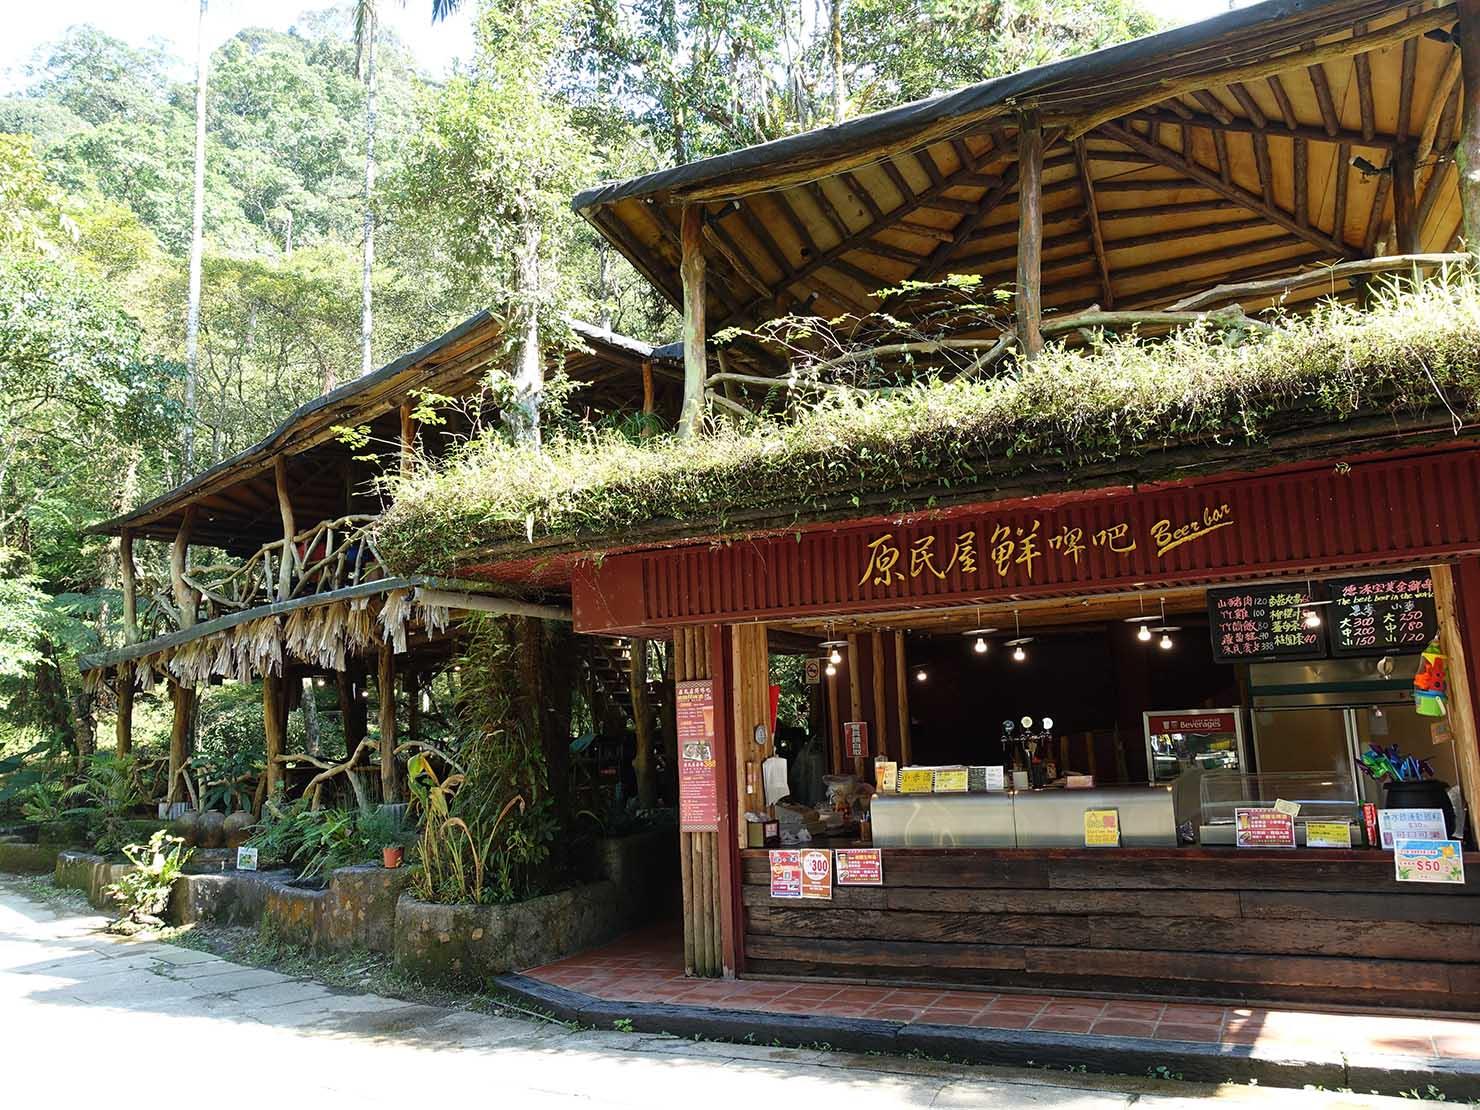 台北・烏來温泉から行けるテーマパーク「雲仙樂園」園内の休憩所